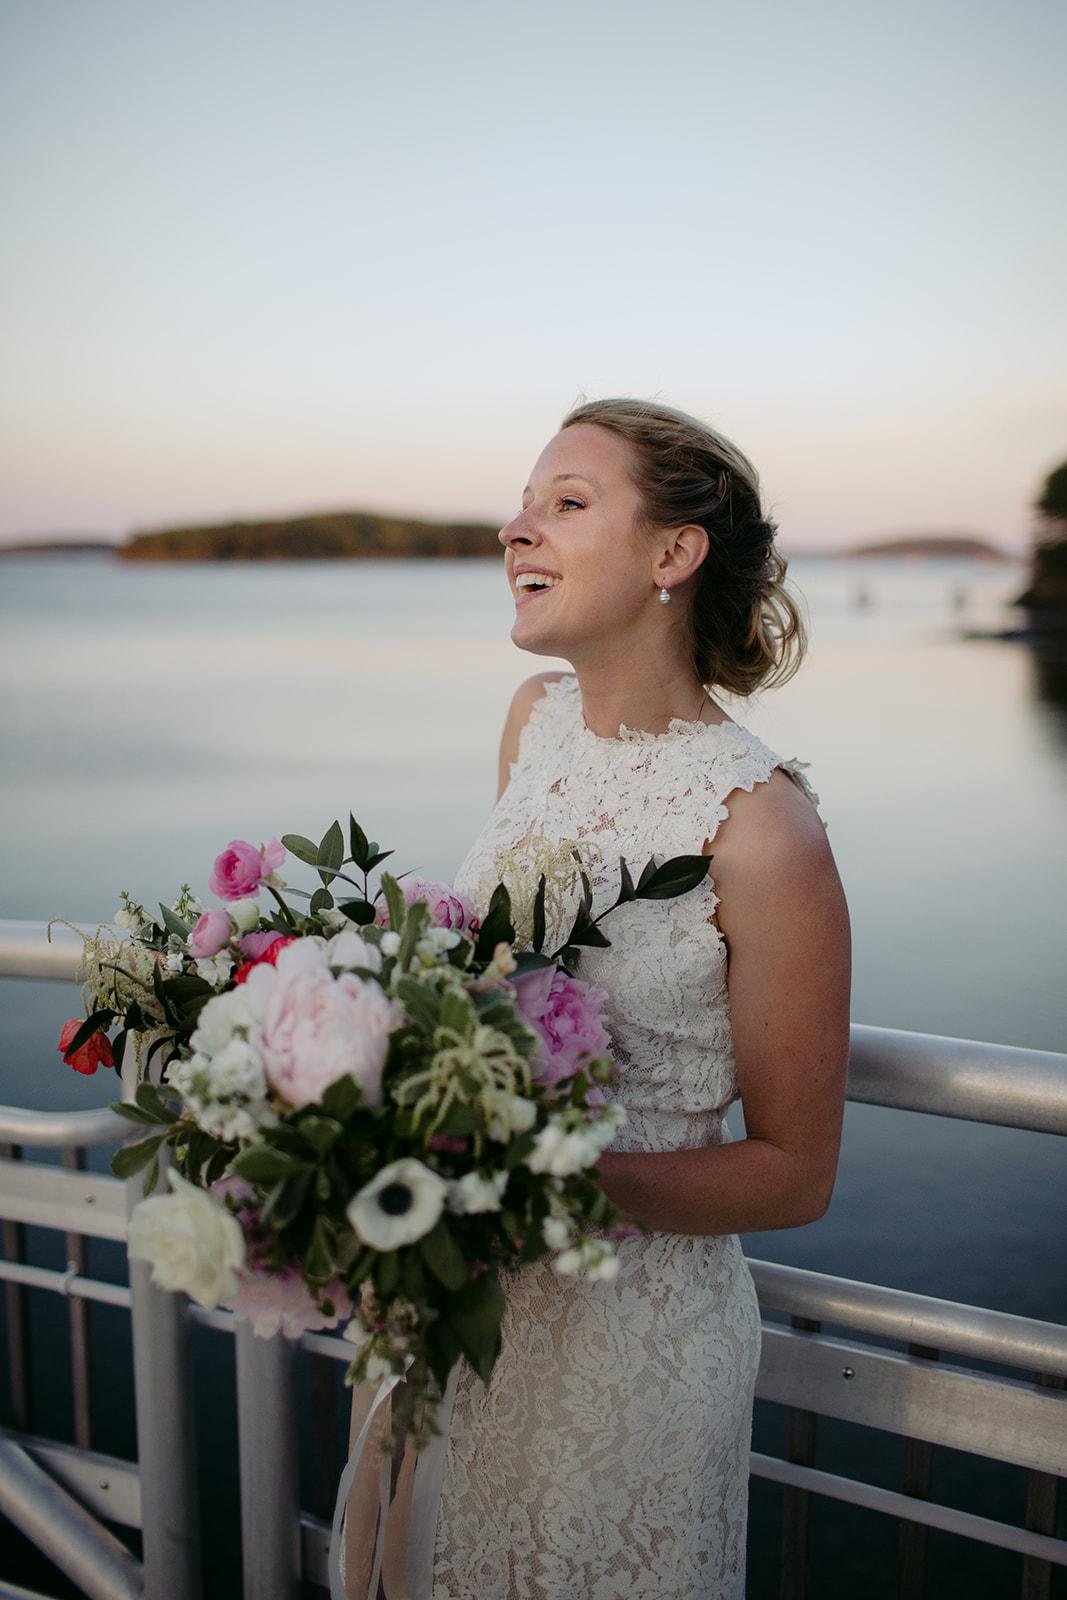 Watershed_Floral_Acadia_Maine_Wedding_Florist__Acadia_422.jpg